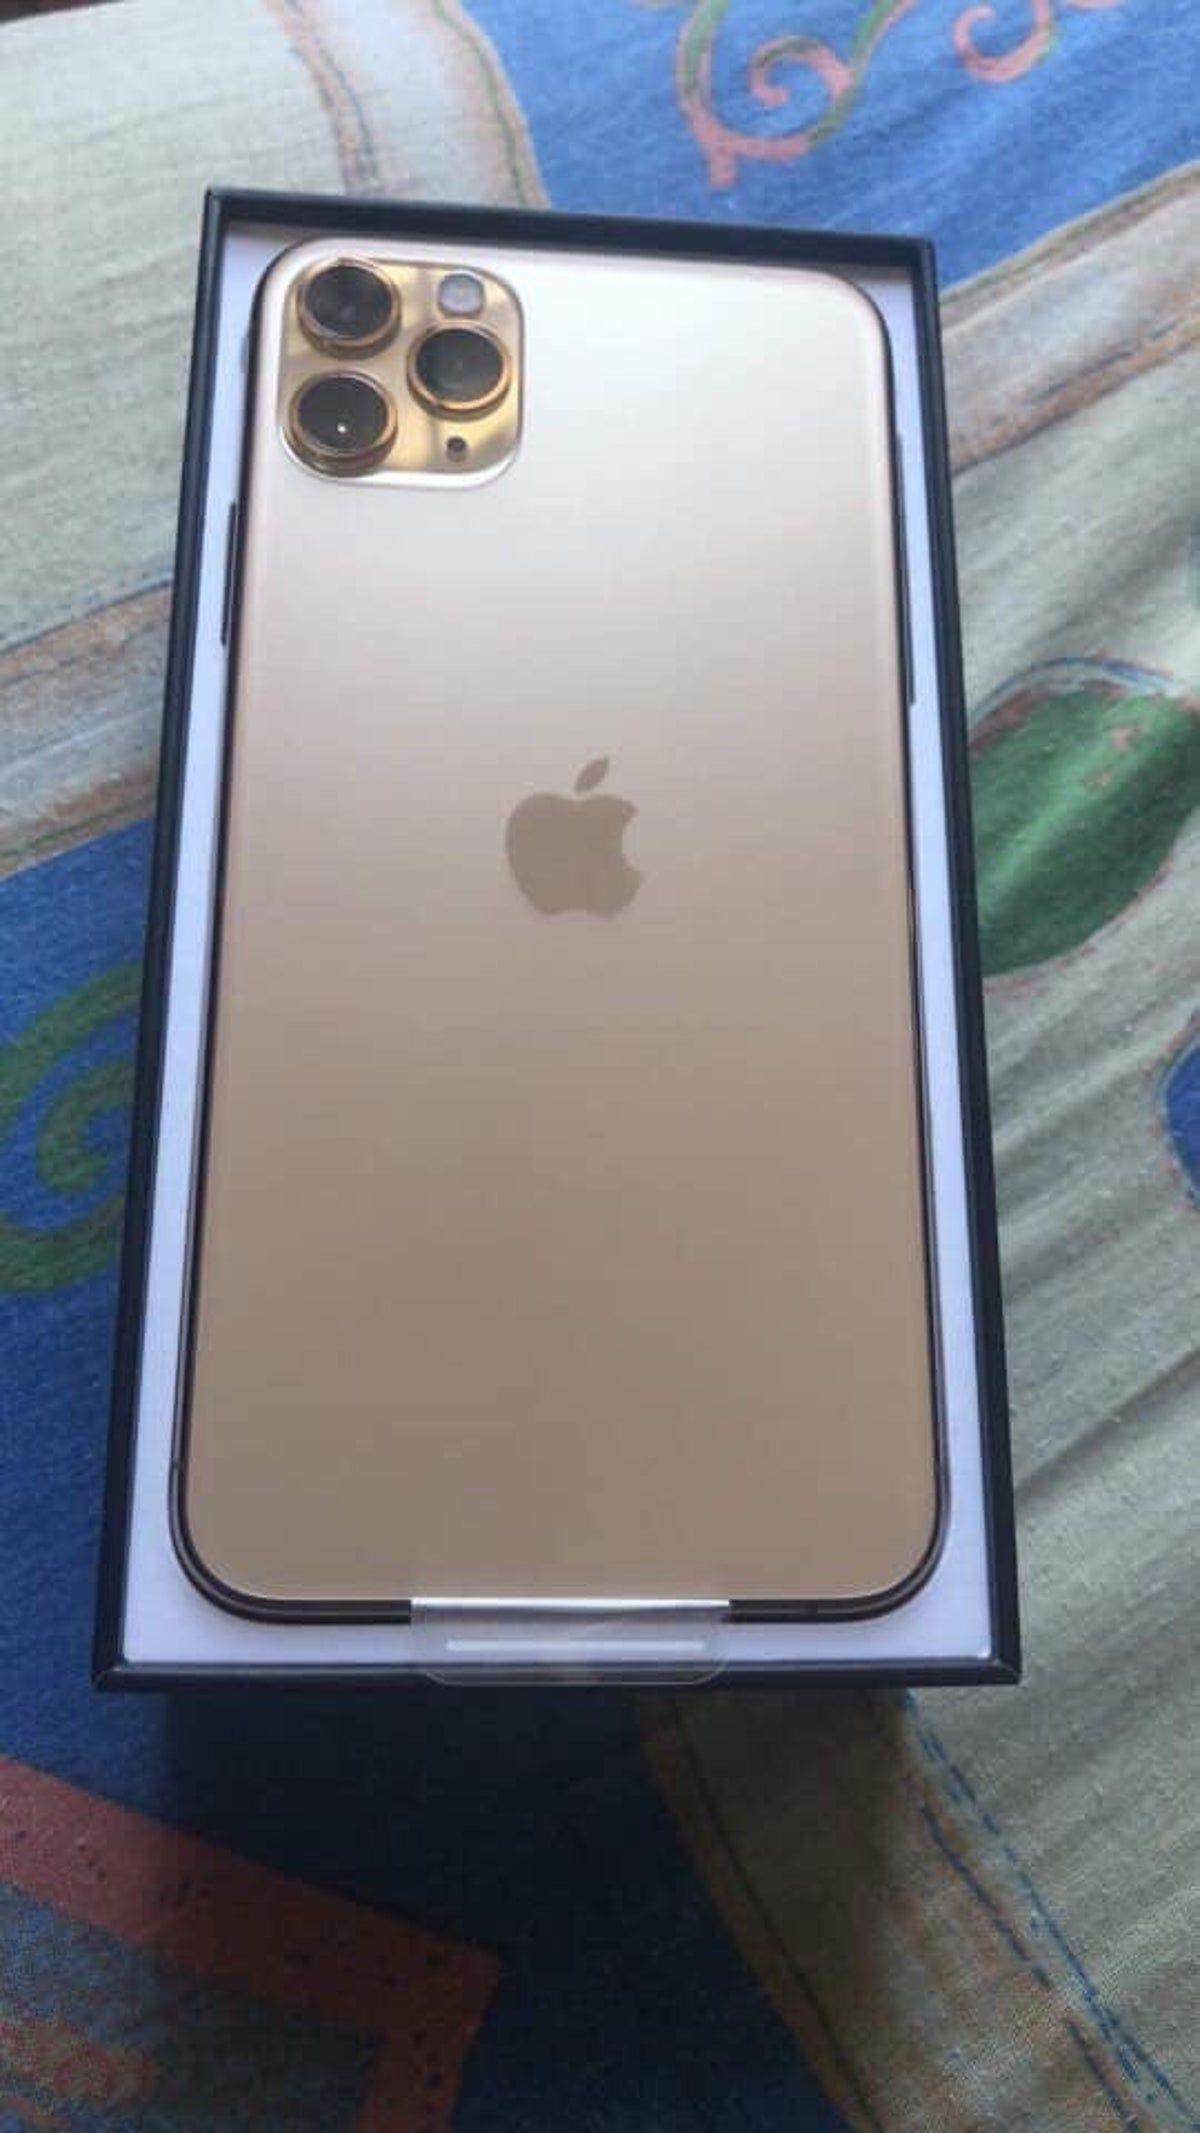 iPhone 11 Pro Max in 2020 | Iphone, Iphone 11, Unlock iphone